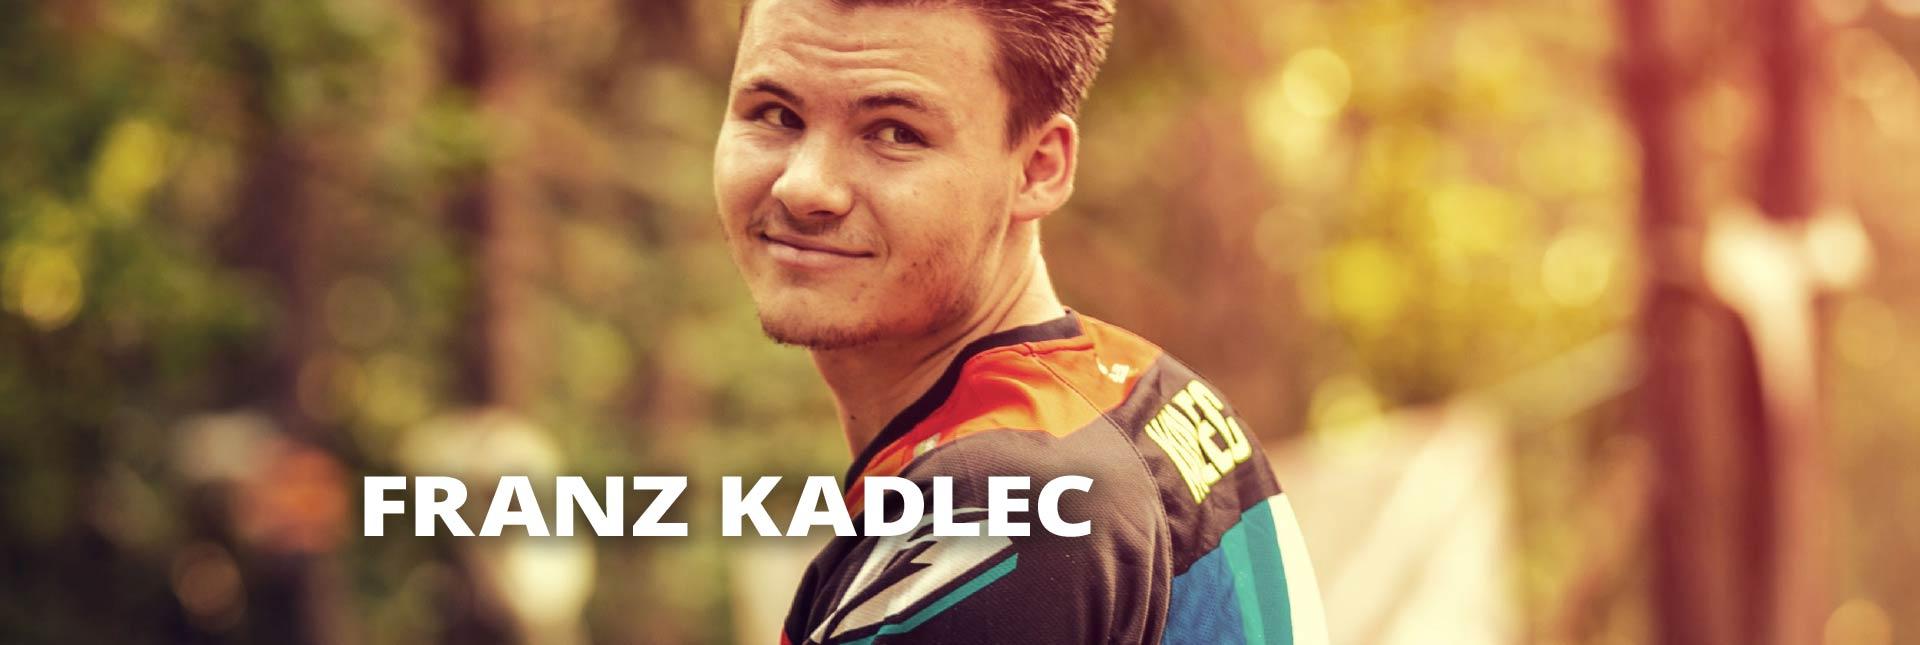 Franz Kadlec